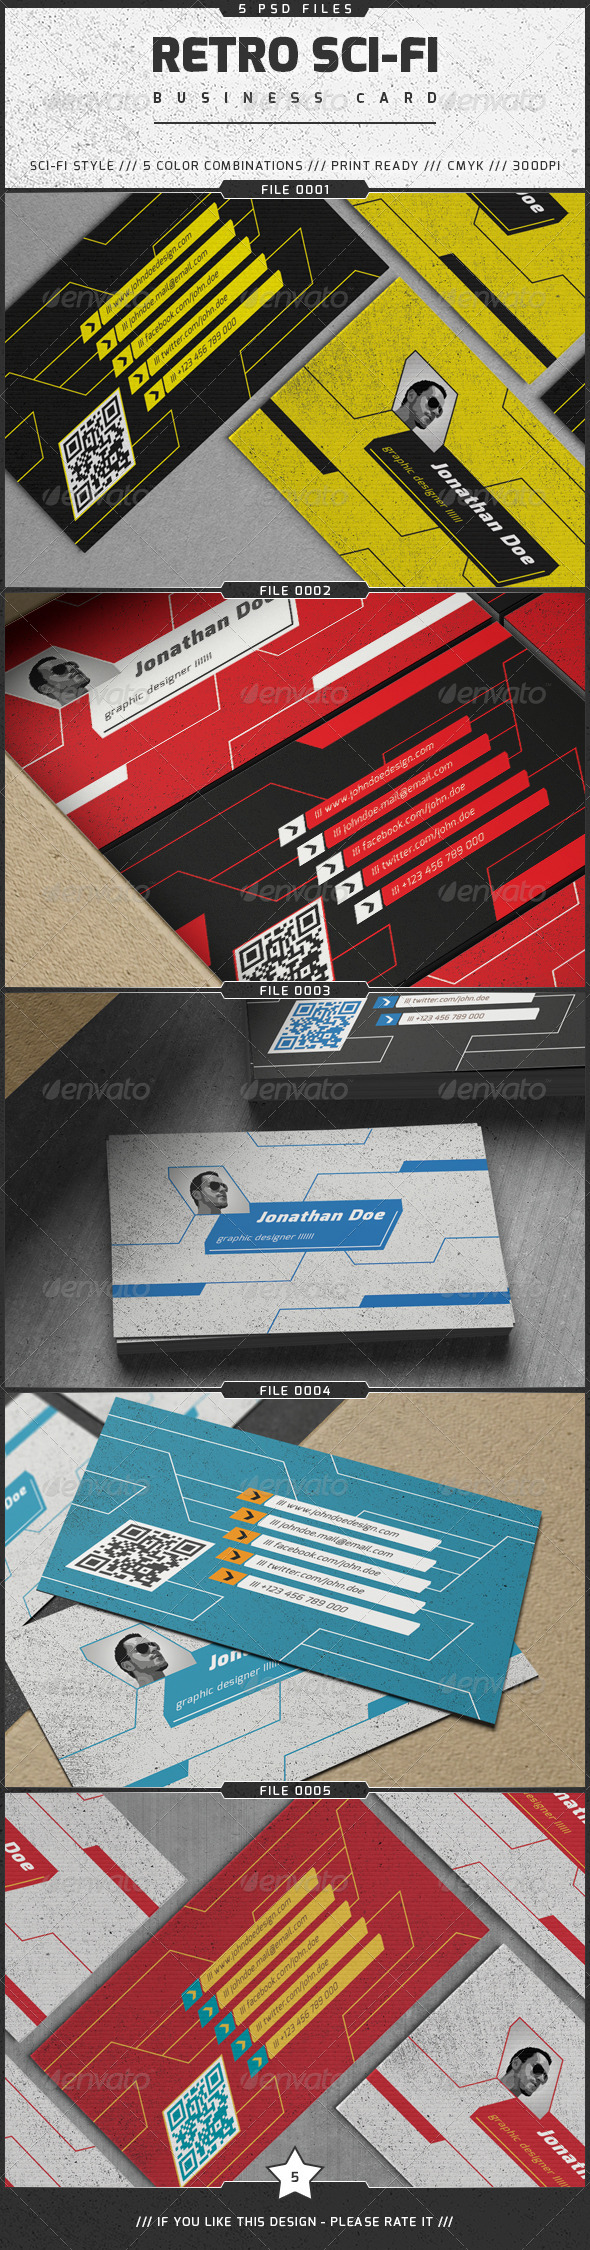 GraphicRiver Retro Sci-Fi Business Card 7871919